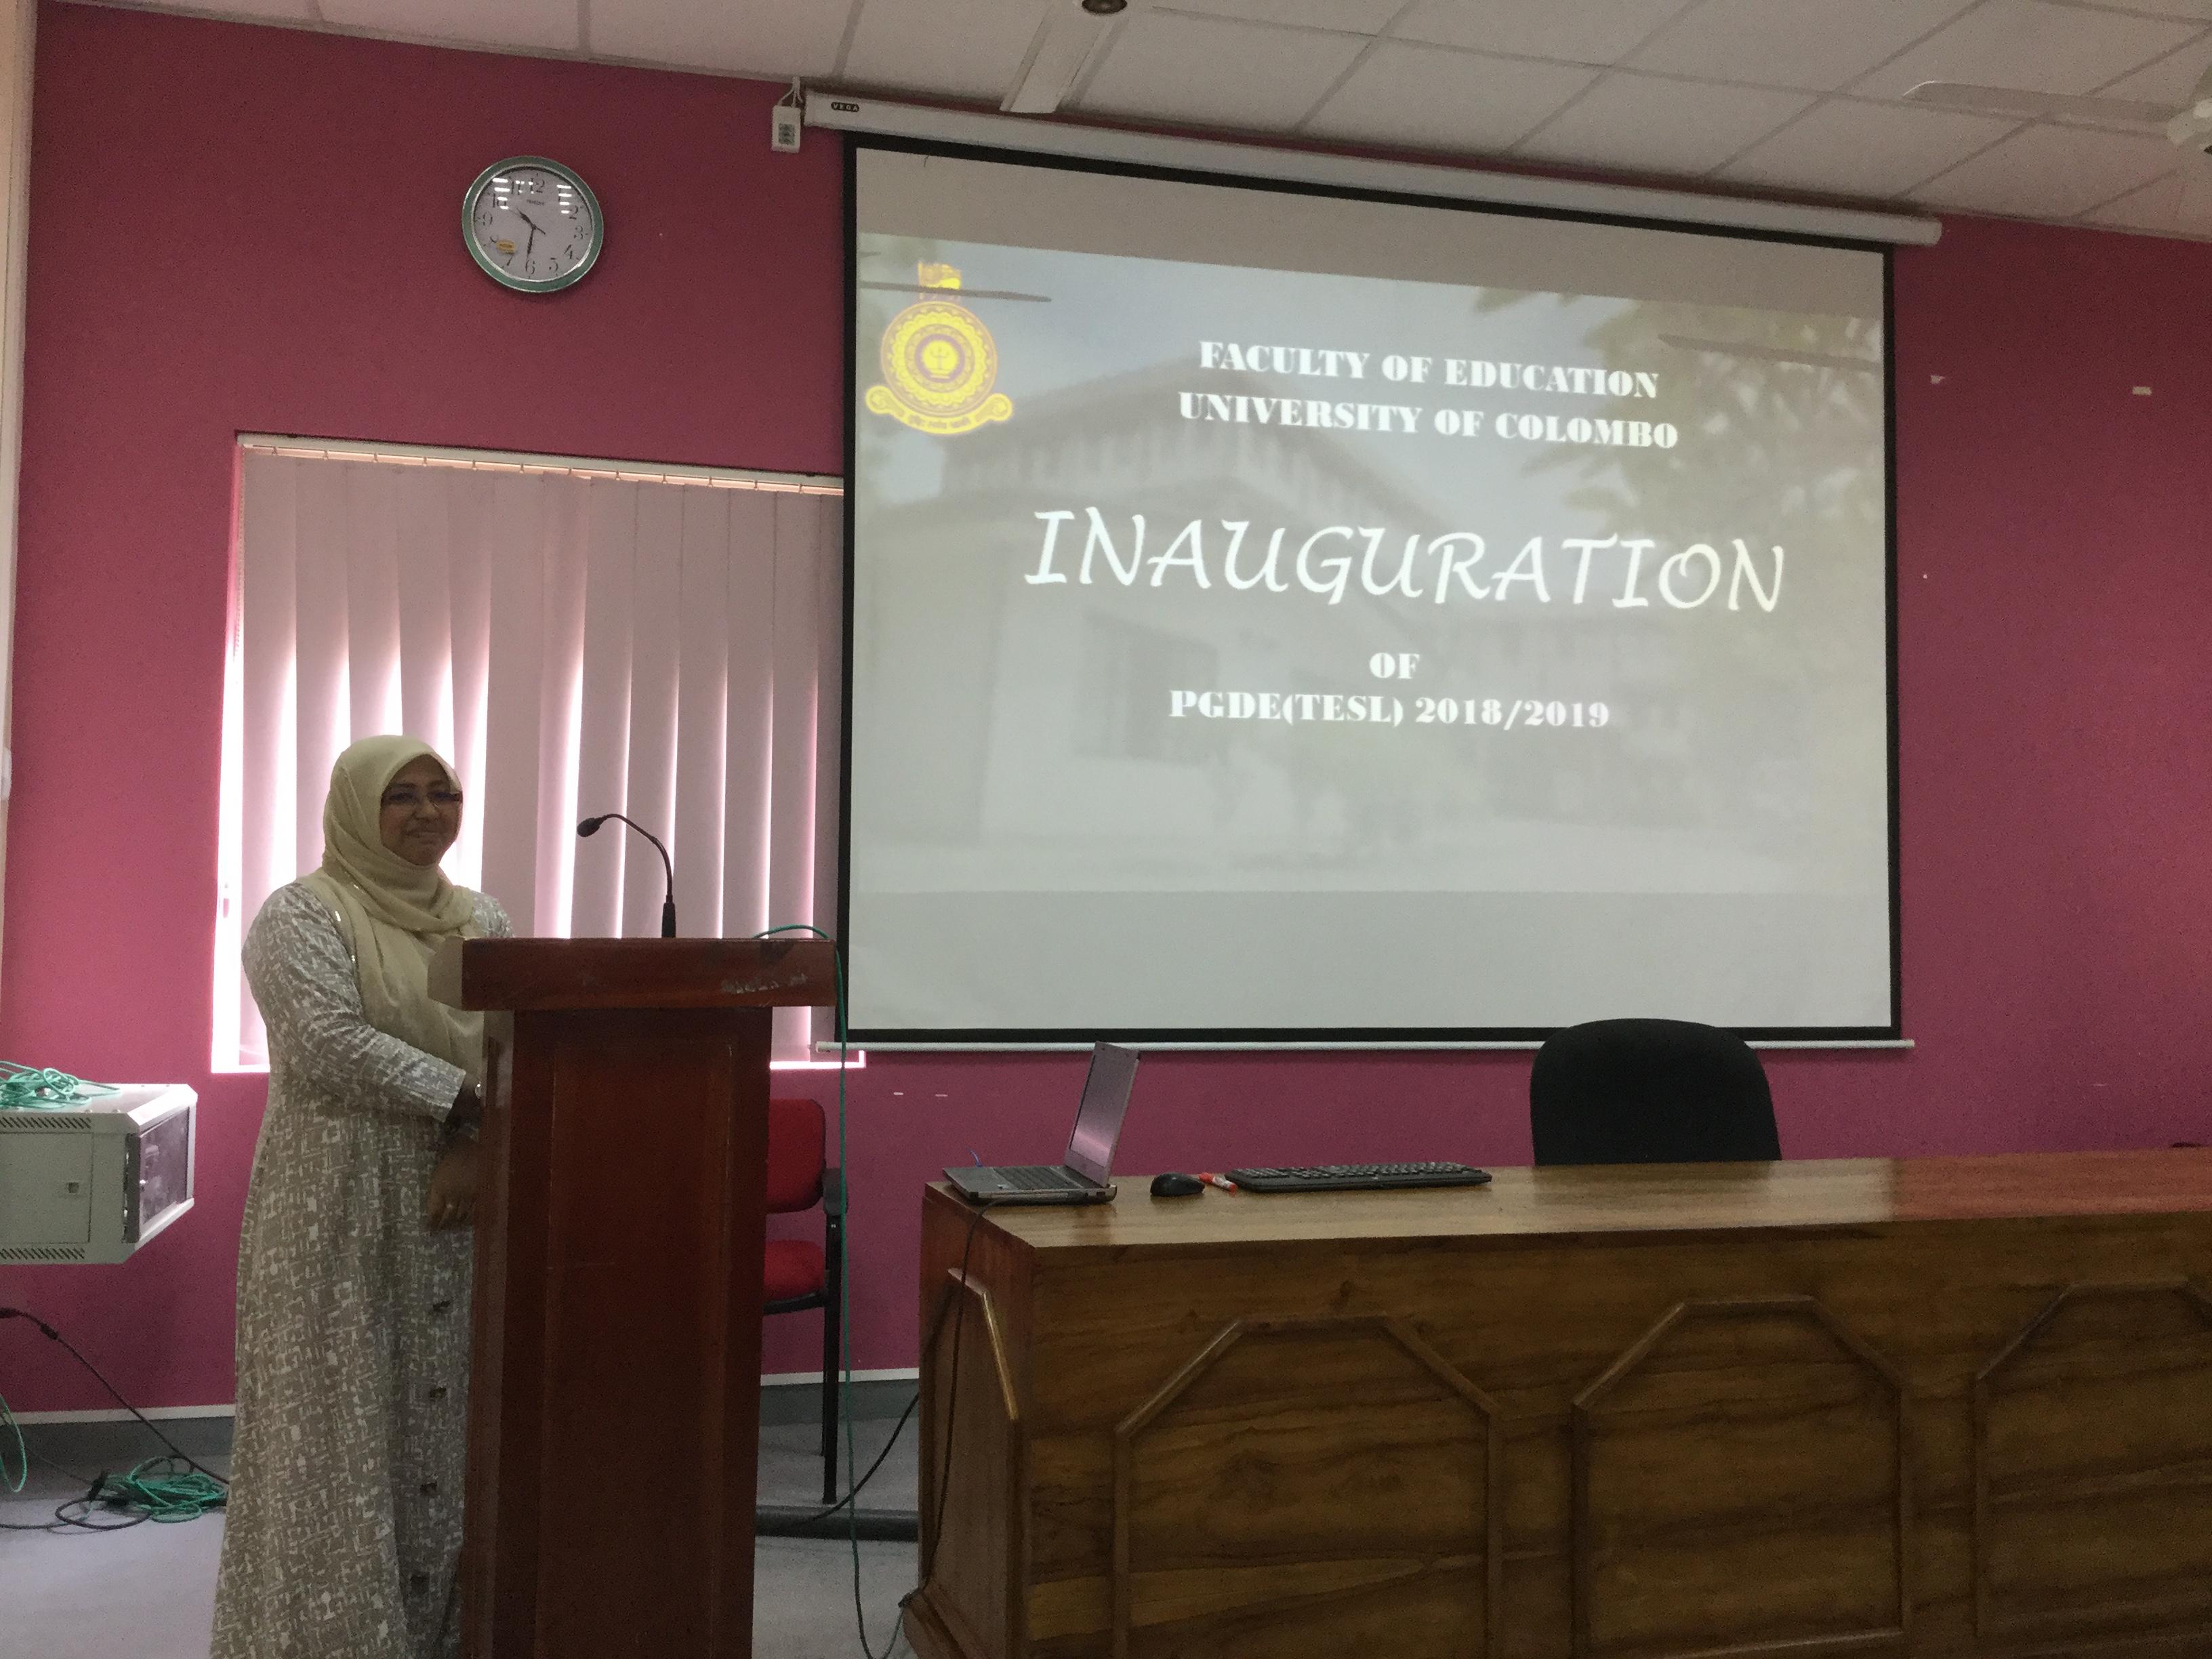 TESL 2018/2019 course inauguration